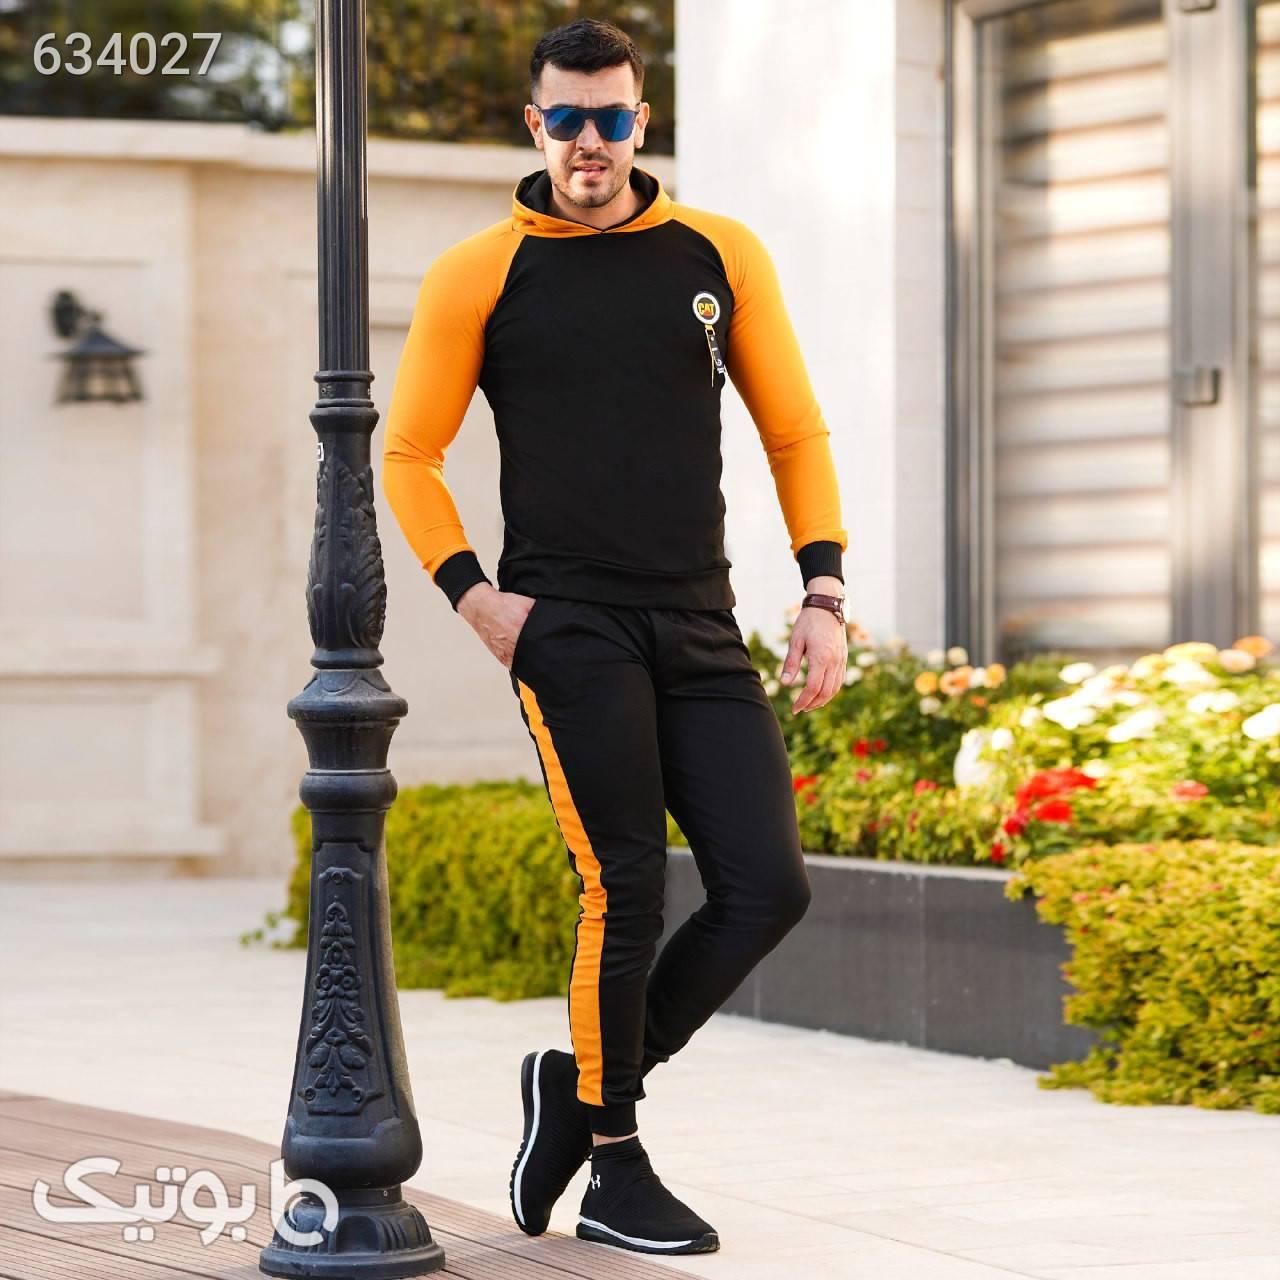 ست سویشرت و شلوار Cat مدل Sadra مشکی ست ورزشی مردانه